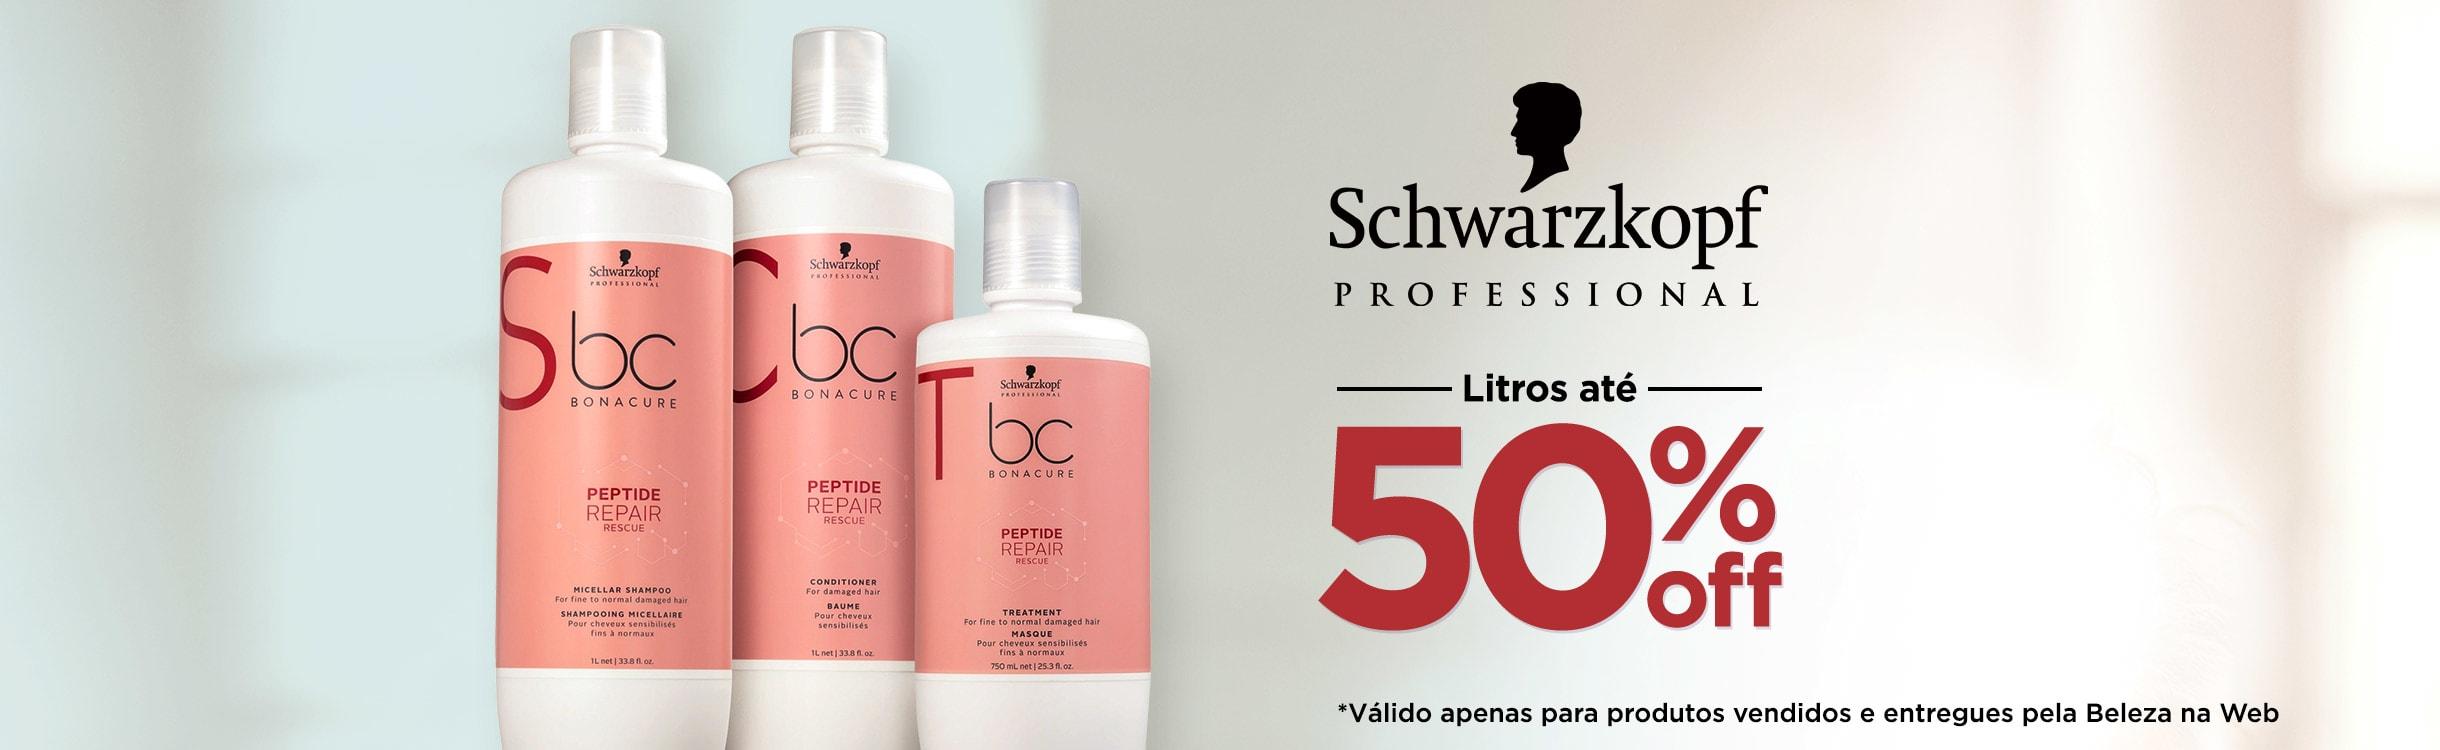 Litros de Economia Schwarzkopf Professional até 50% OFF